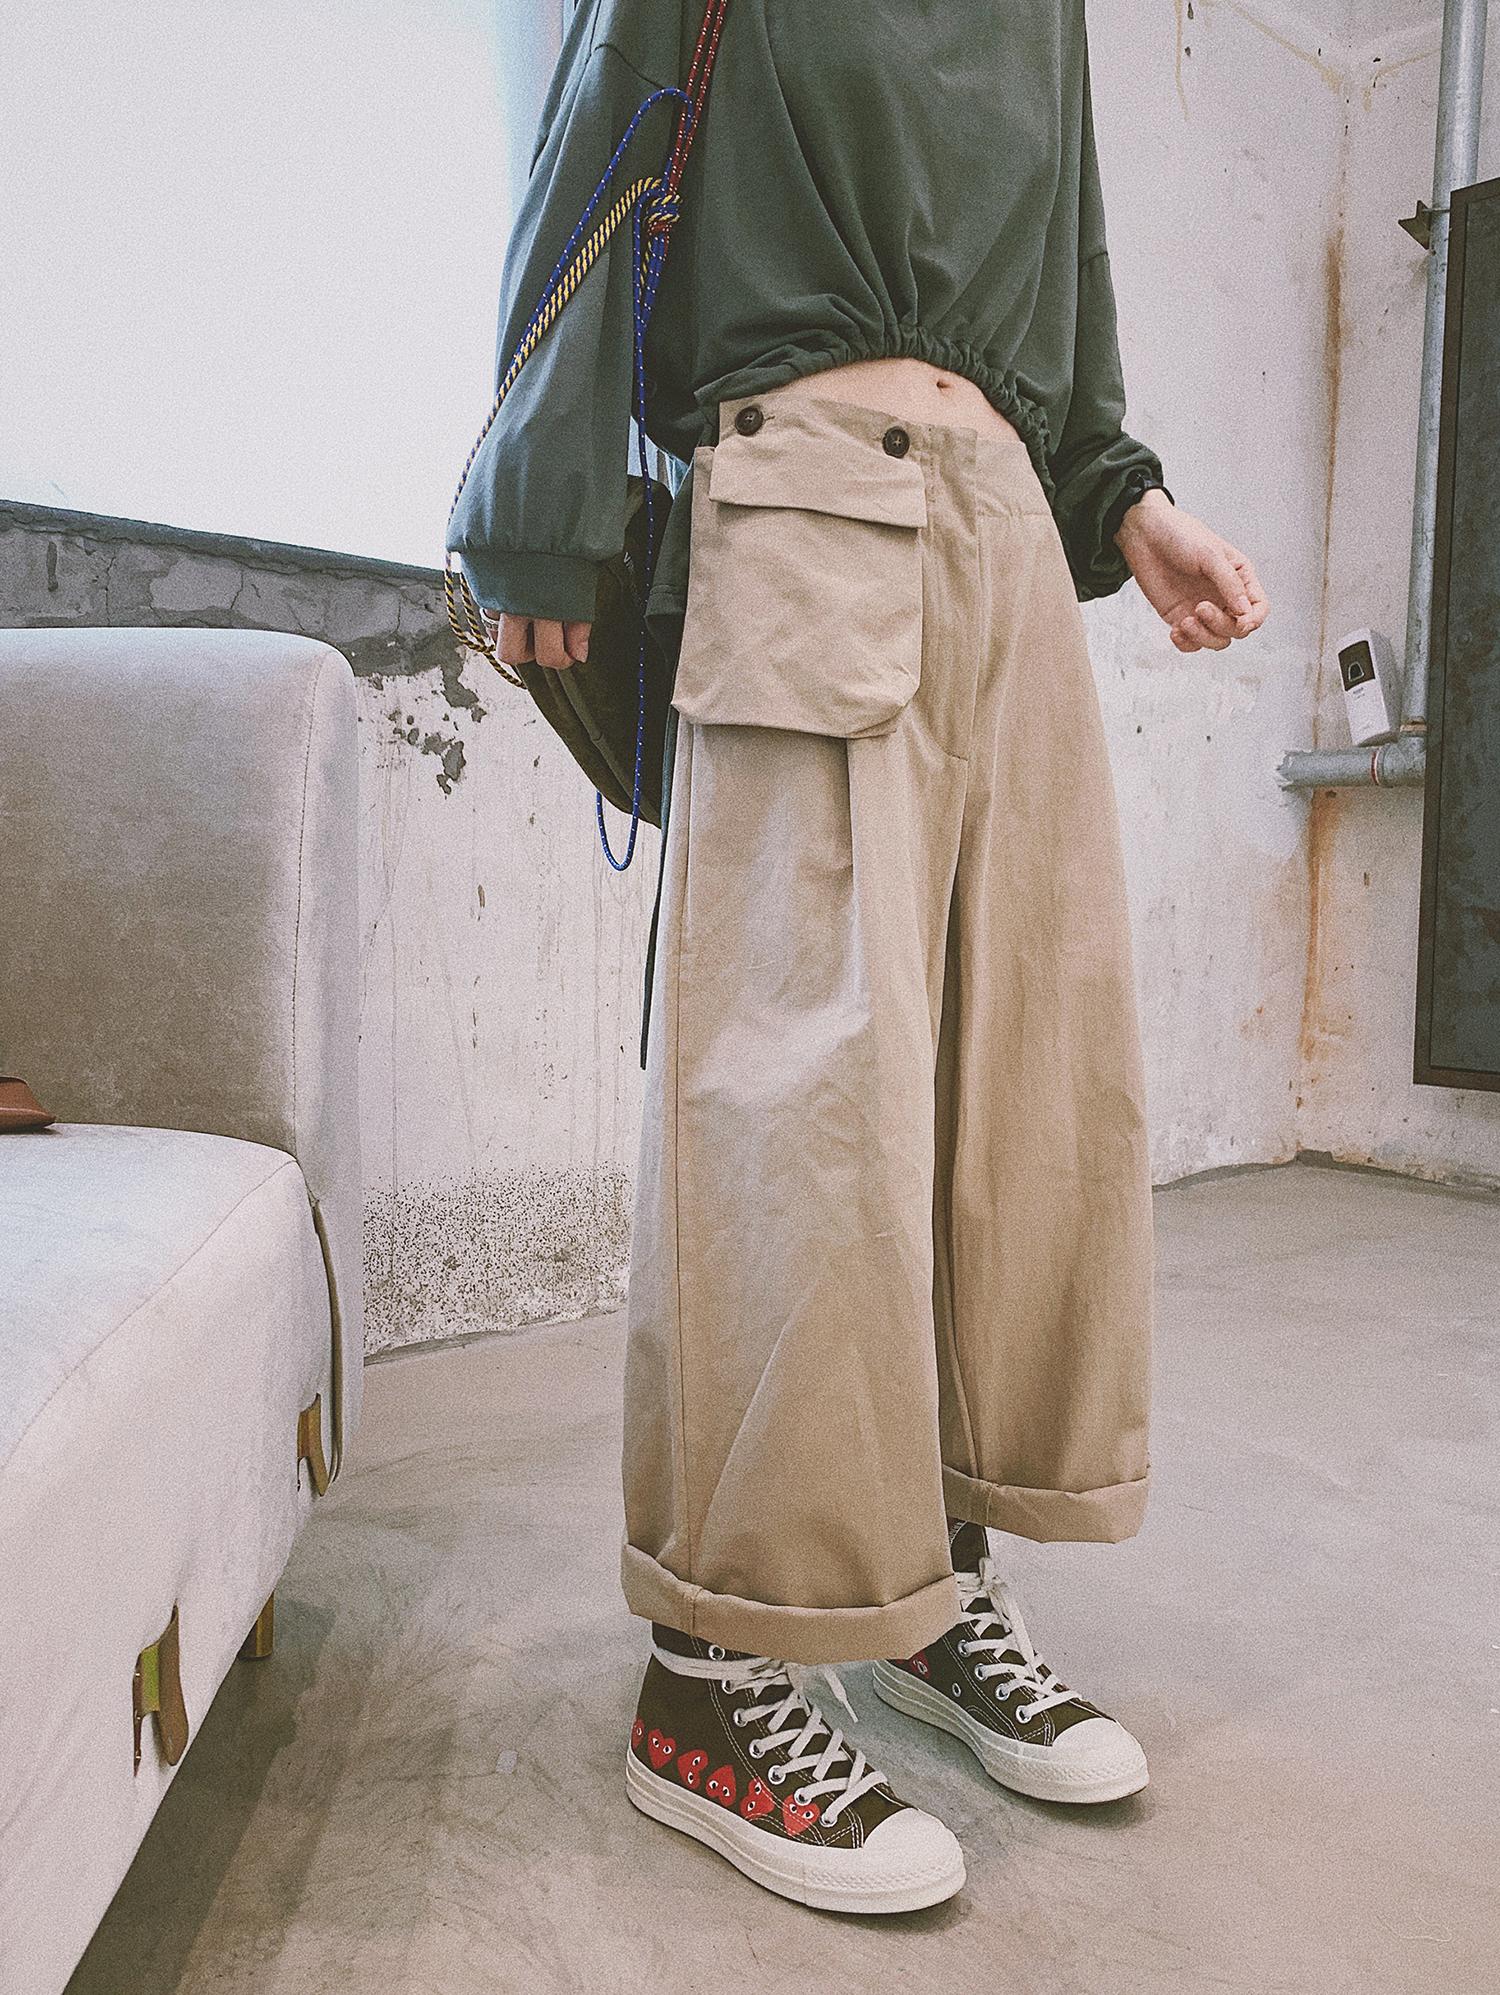 甜心家 口袋工装阔腿九分裤 宽松高腰休闲直筒裤女装2019新款夏装